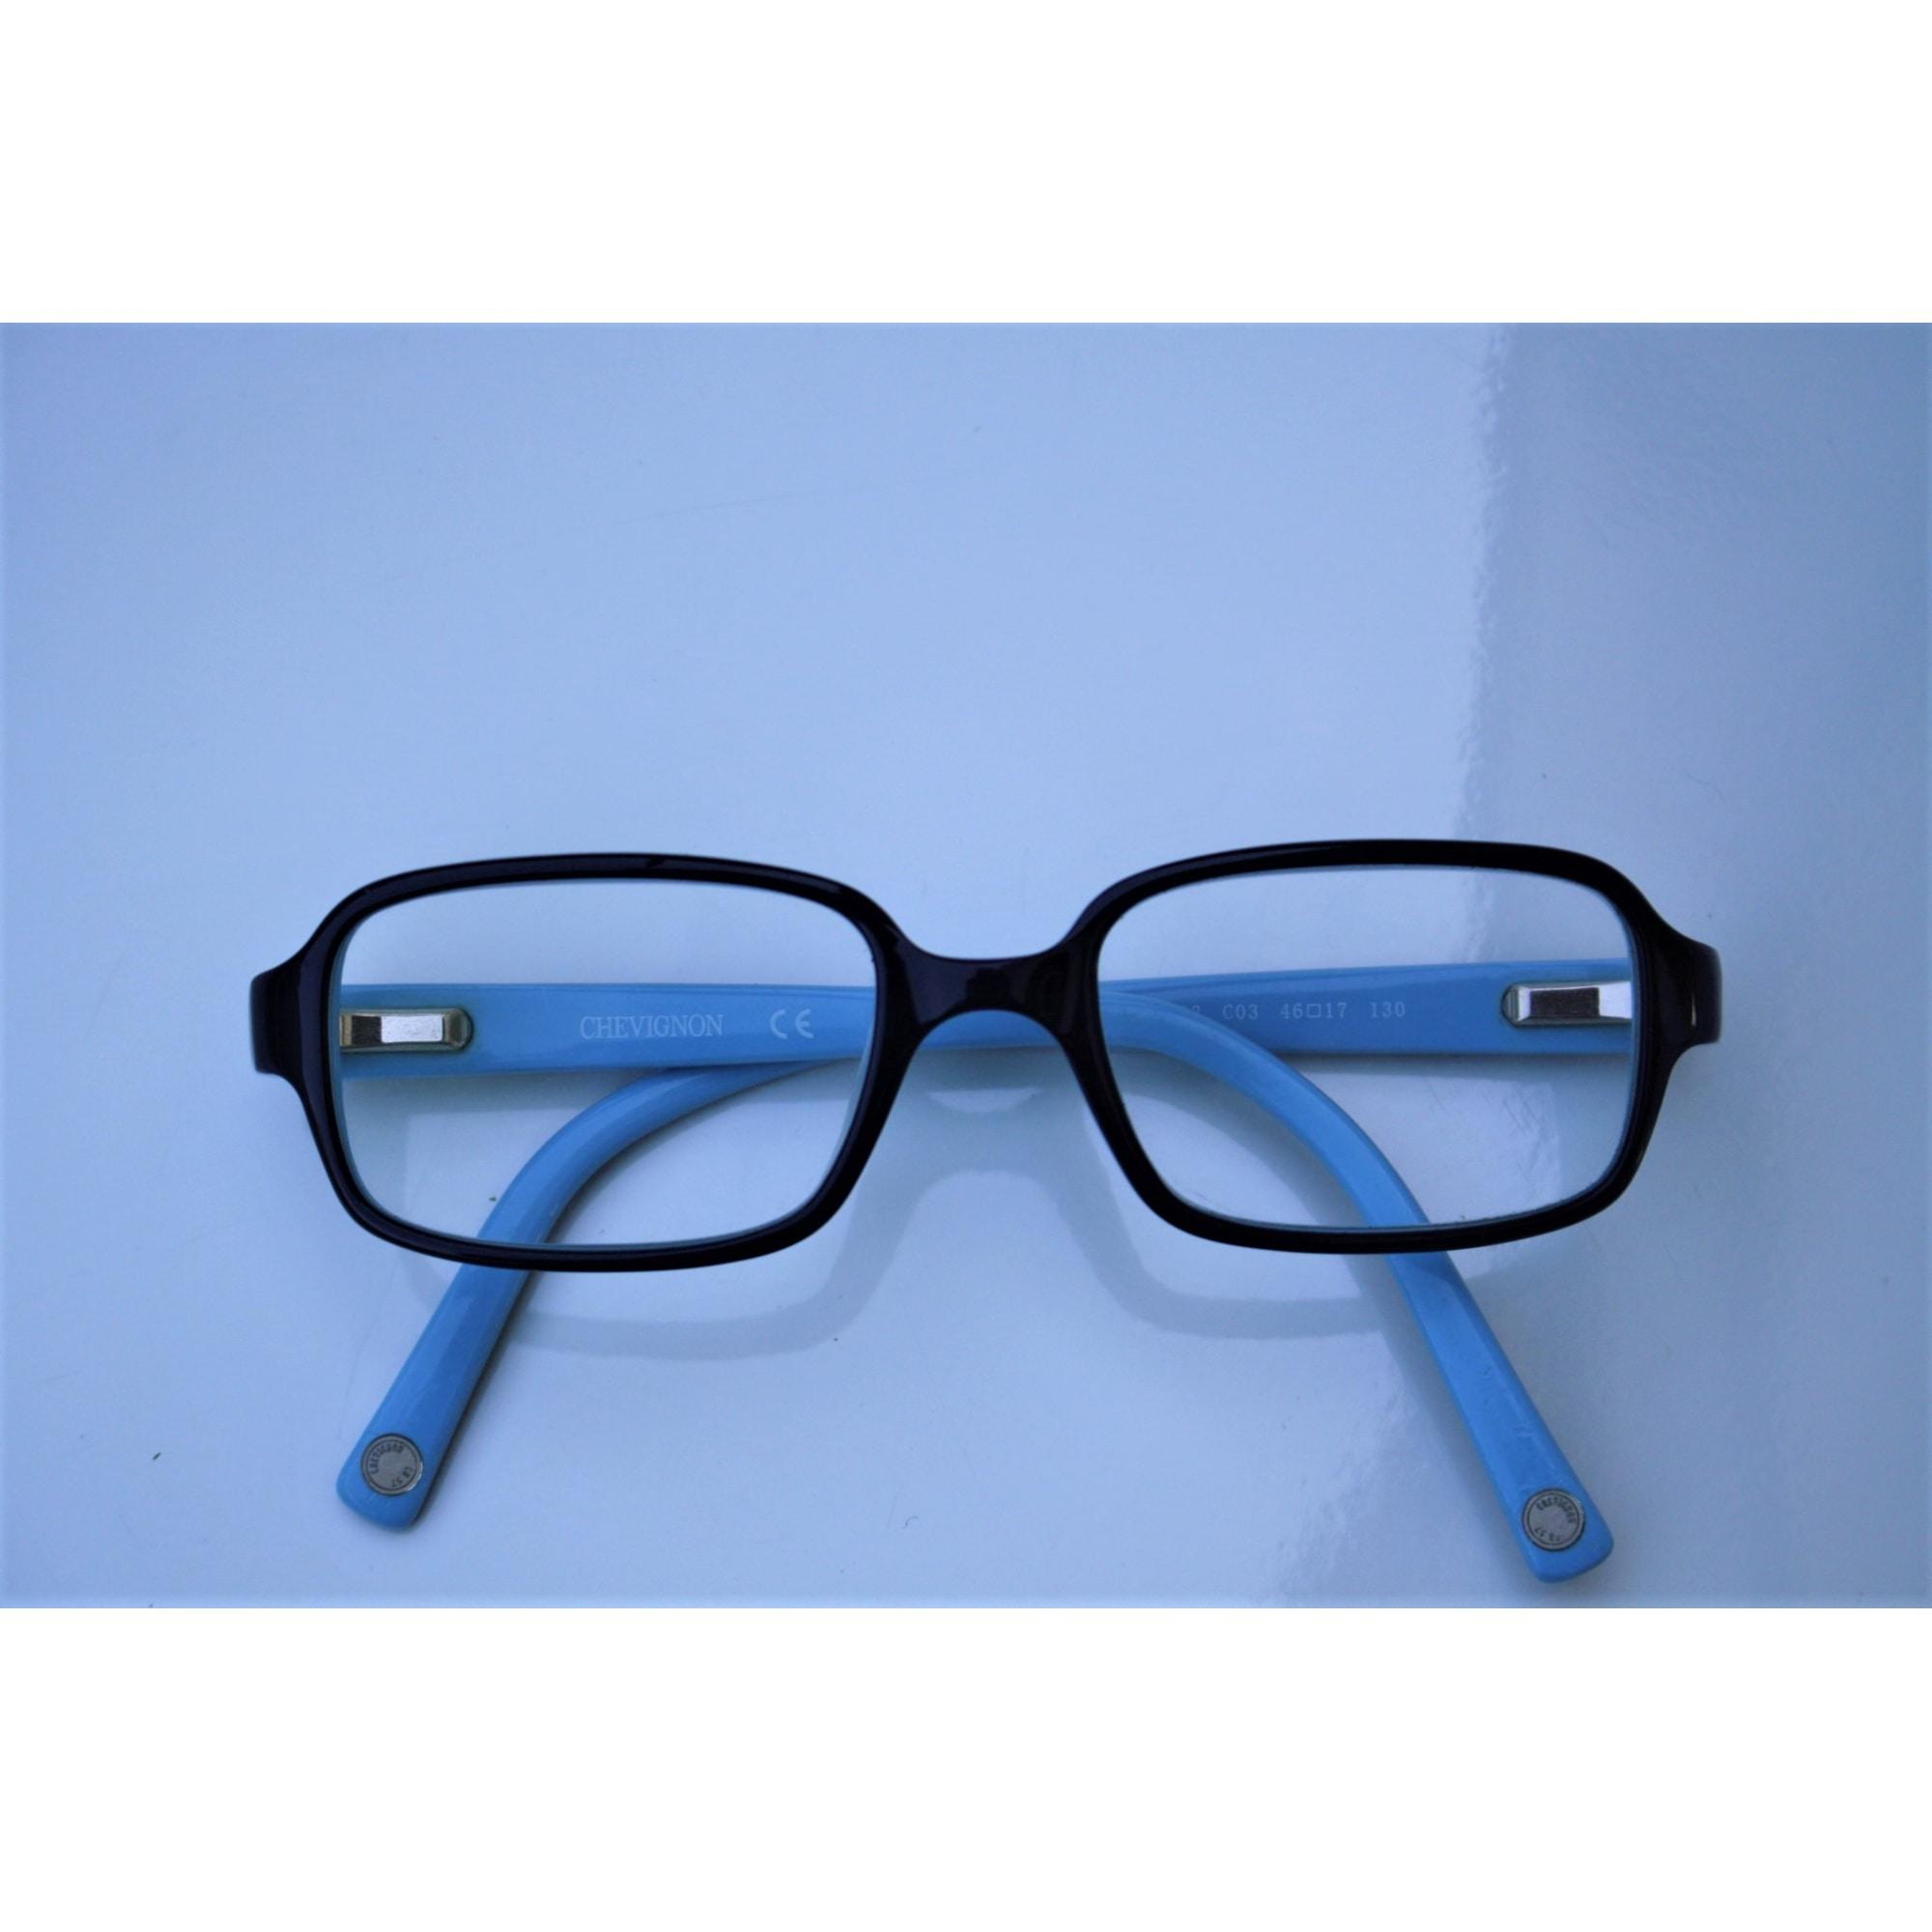 3f3640aebfbf2 Monture de lunettes CHEVIGNON 7-8 ans bleu - 6041593